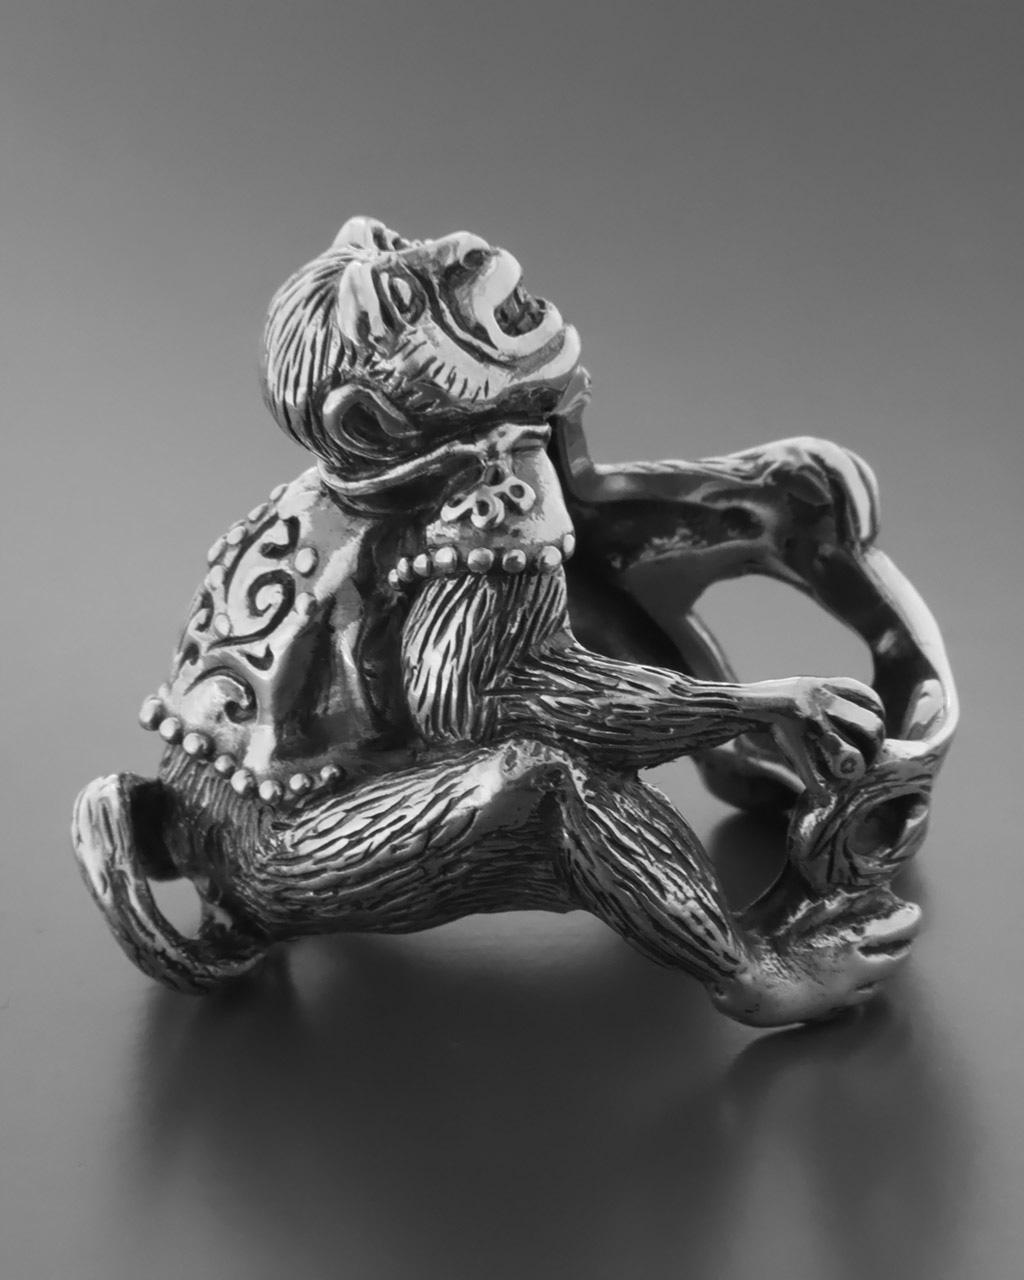 Ανδρικό χειροποίητο δαχτυλίδι Monkey   κοσμηματα δαχτυλίδια δαχτυλίδια ανδρικά